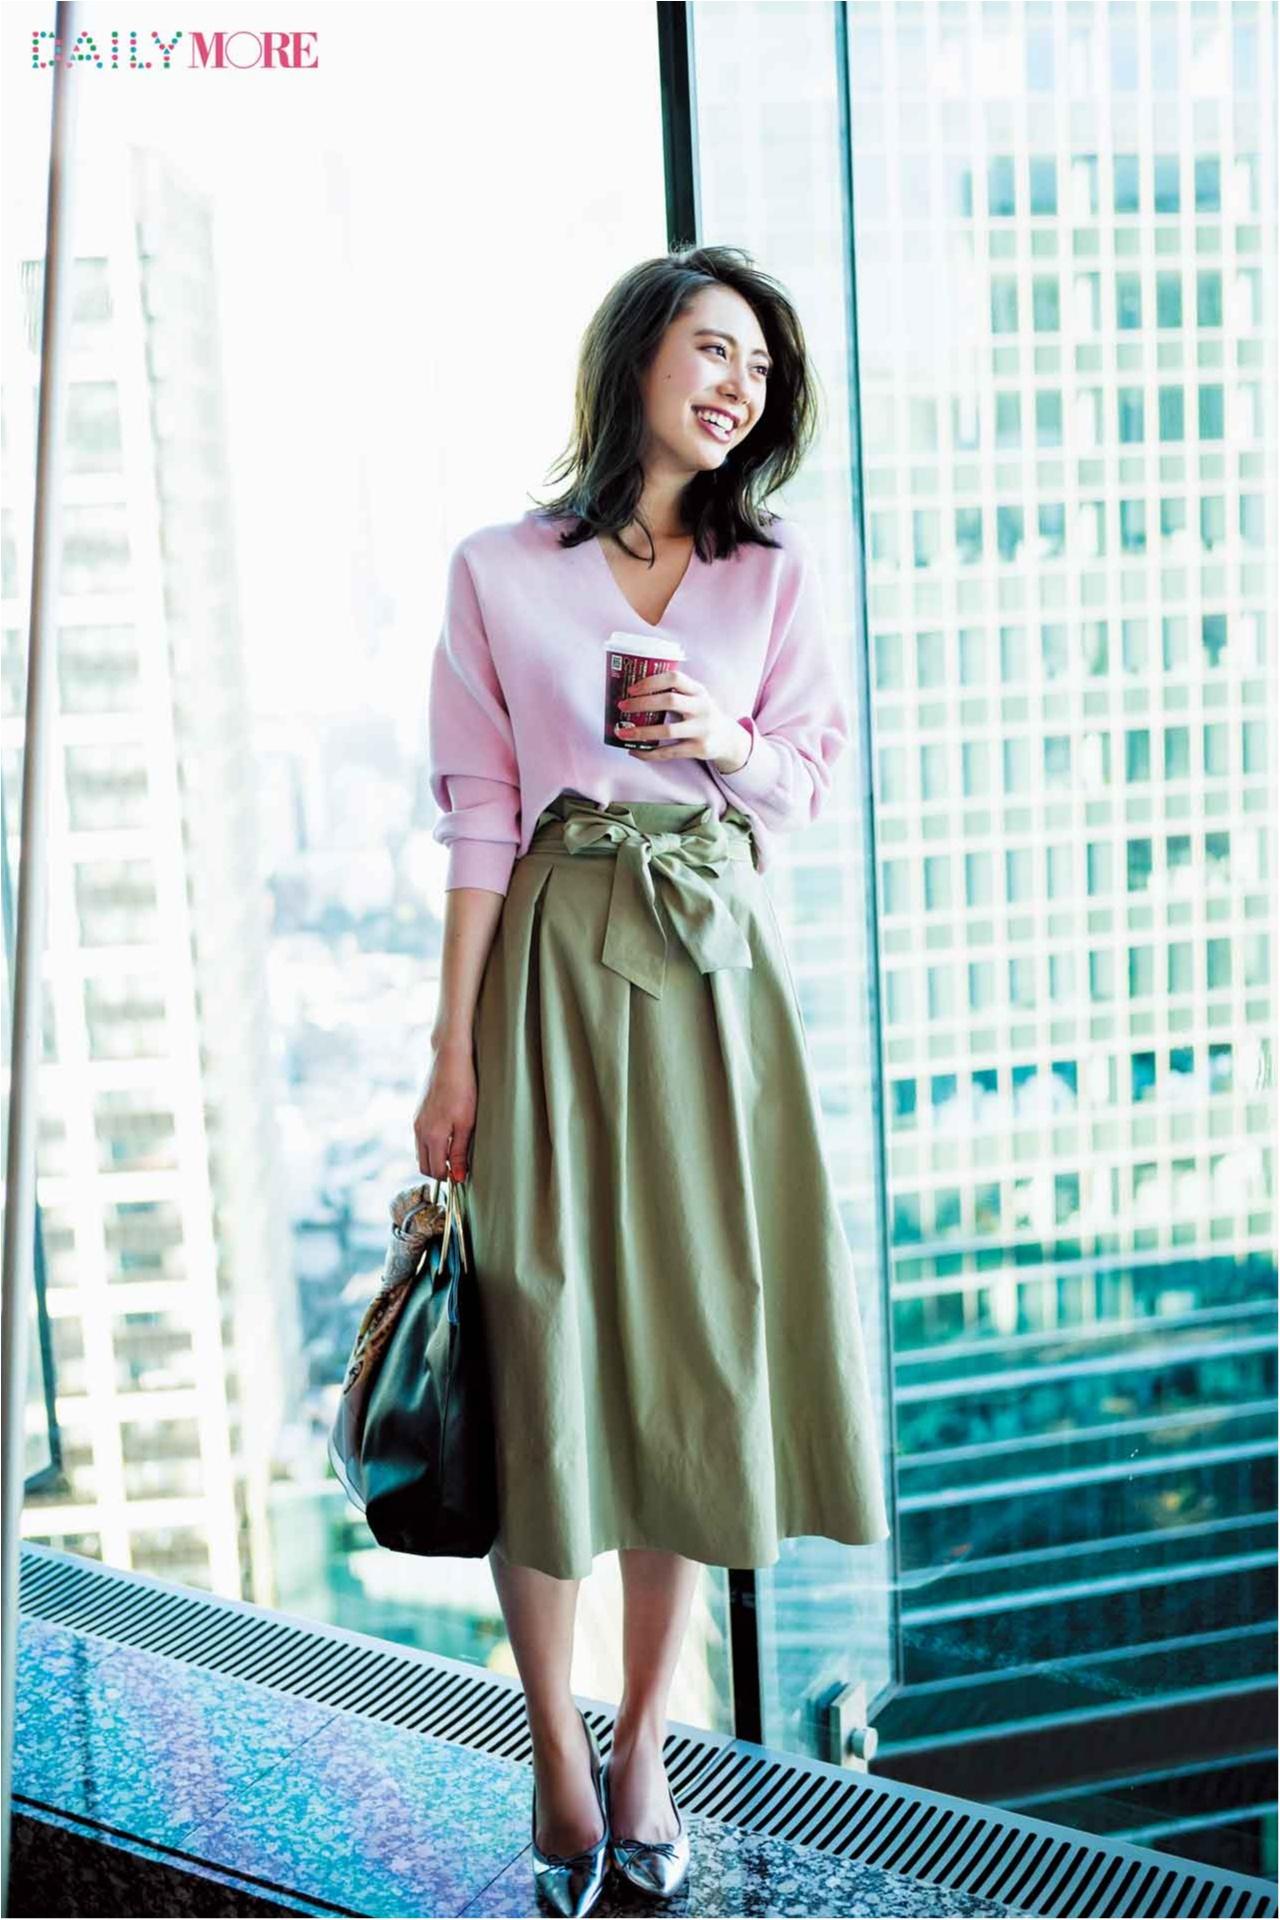 【今日のコーデ/土屋巴瑞季】後輩の研修担当に。ピンクニット×フレアスカートで親しみやすさを♡_1